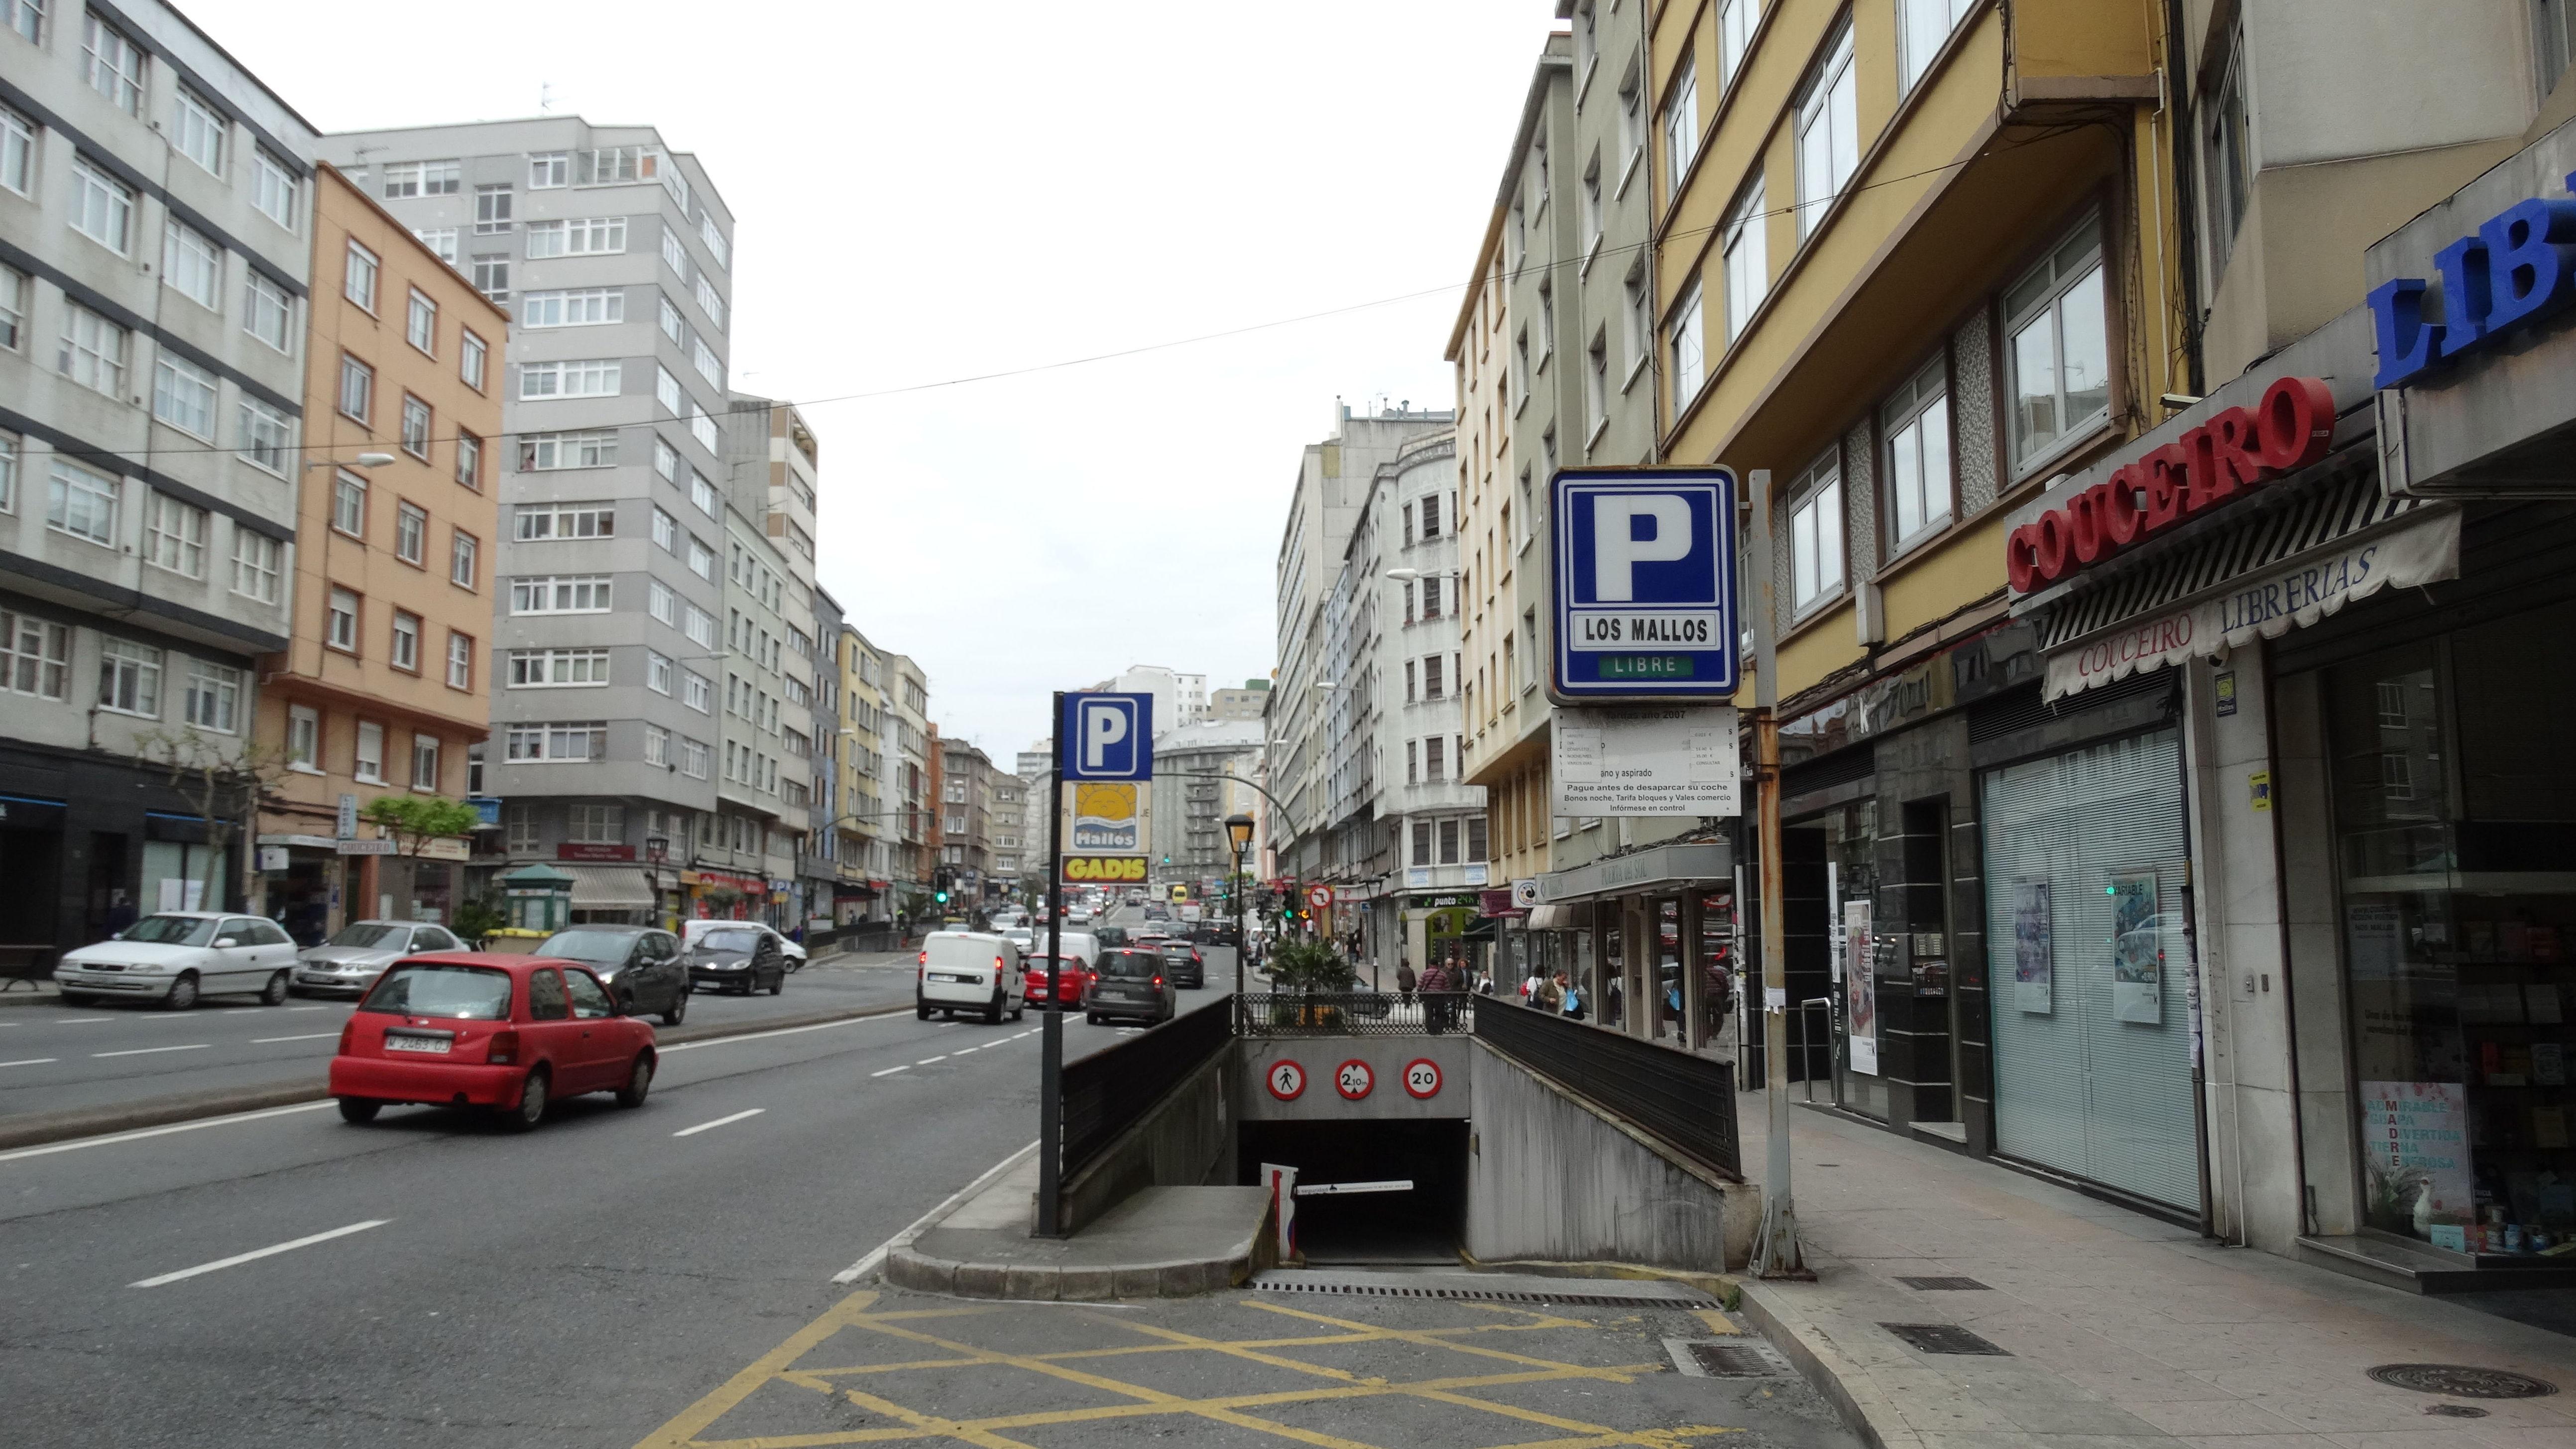 Aparcamiento en A Coruña cerca de la estación